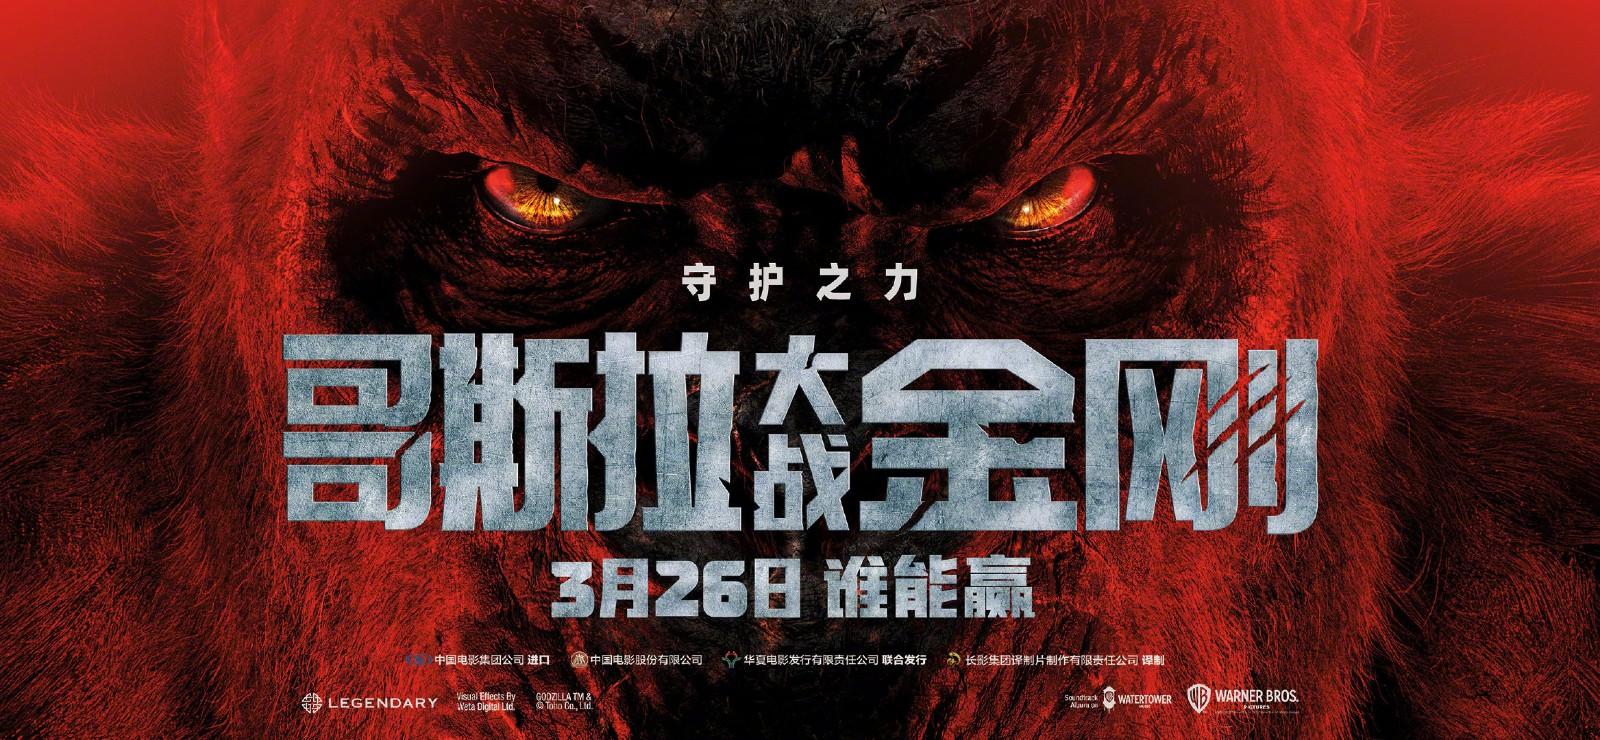 《哥斯拉大战金刚》中文制作特辑公布 3月26日内地上映